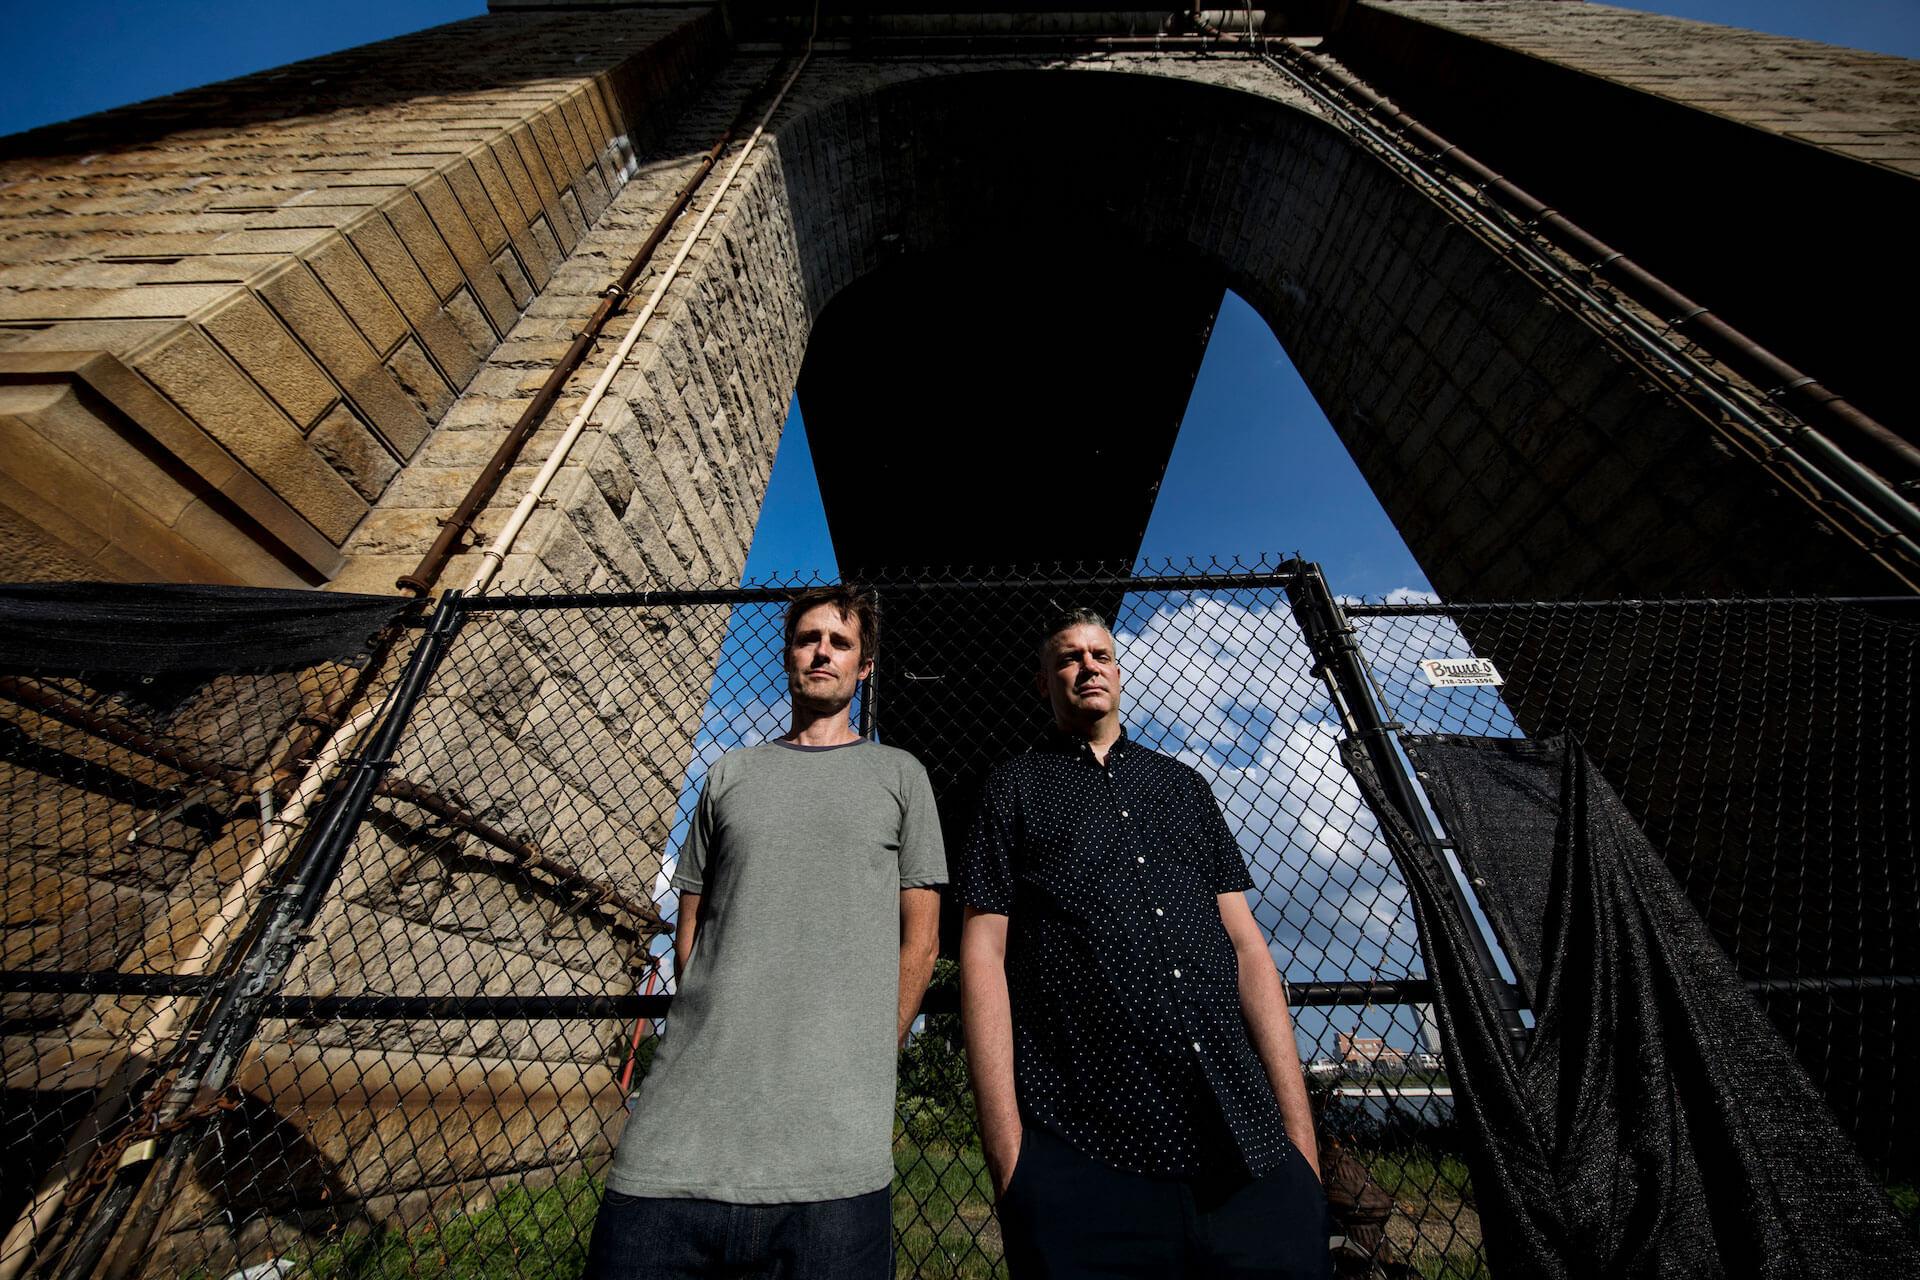 Battlesが『Juice B Crypts』のオンライン・リミックス・プロジェクトをスタート!〈Warp Records〉から賞品も music200330_battlesremix_02